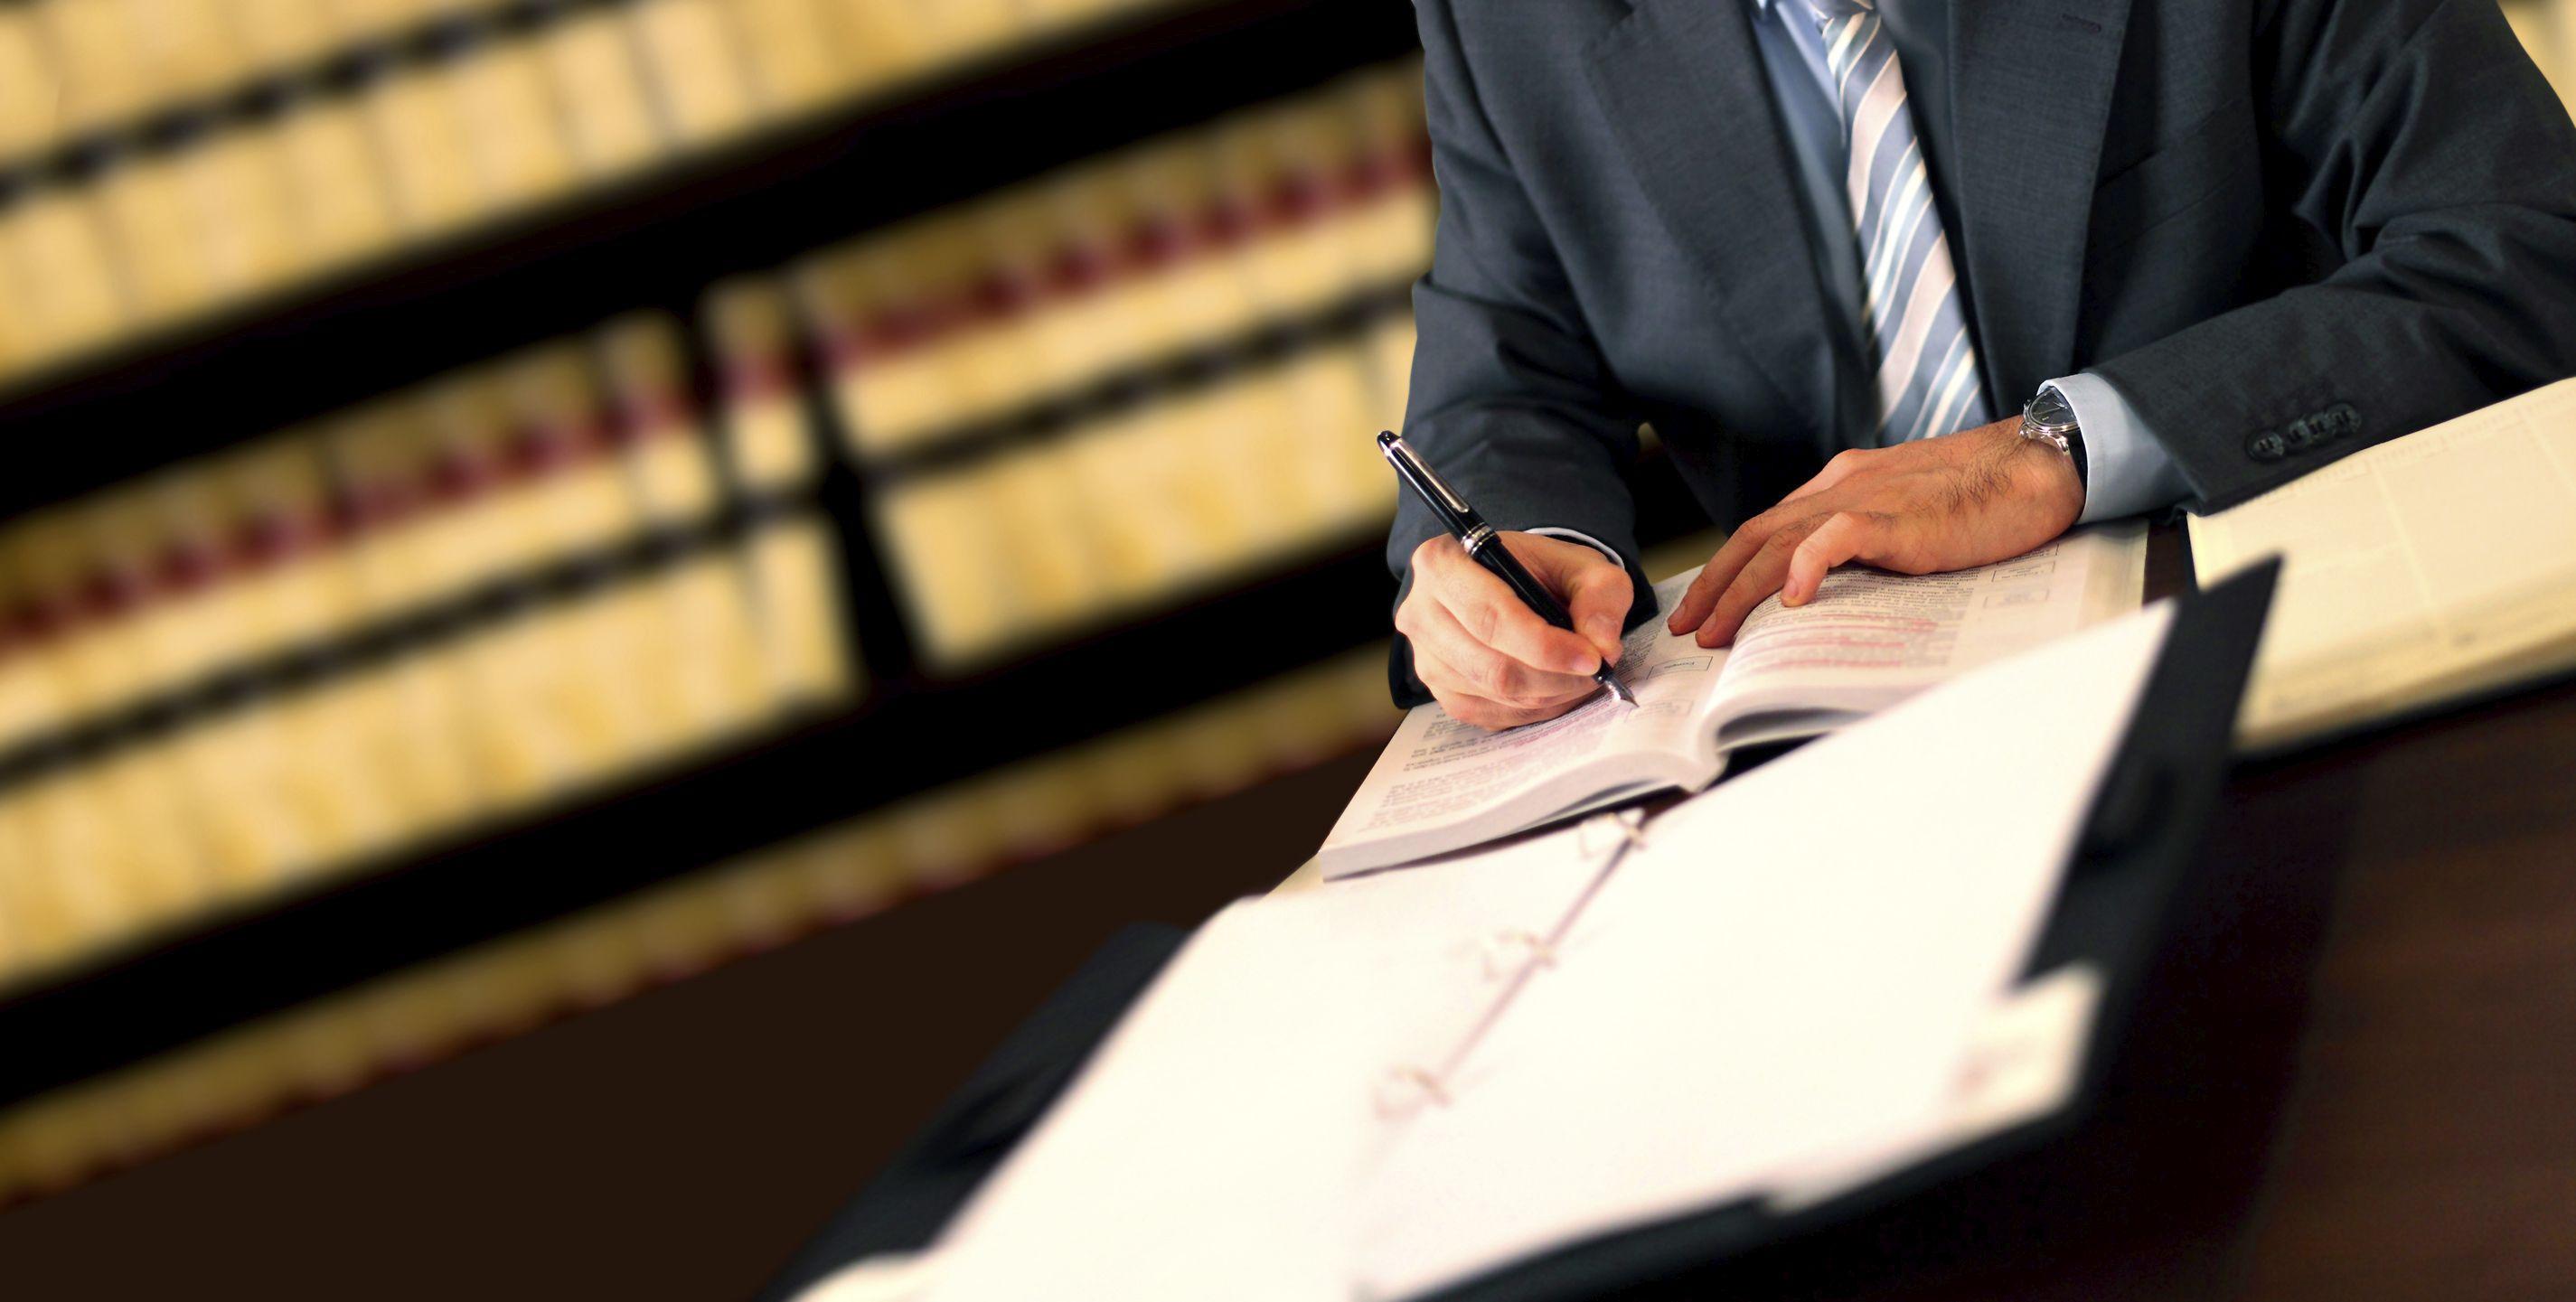 Especialidades: Áreas de actuación de Jurado Luque, B - Espinosa Galisteo L - Ledo Pérez M